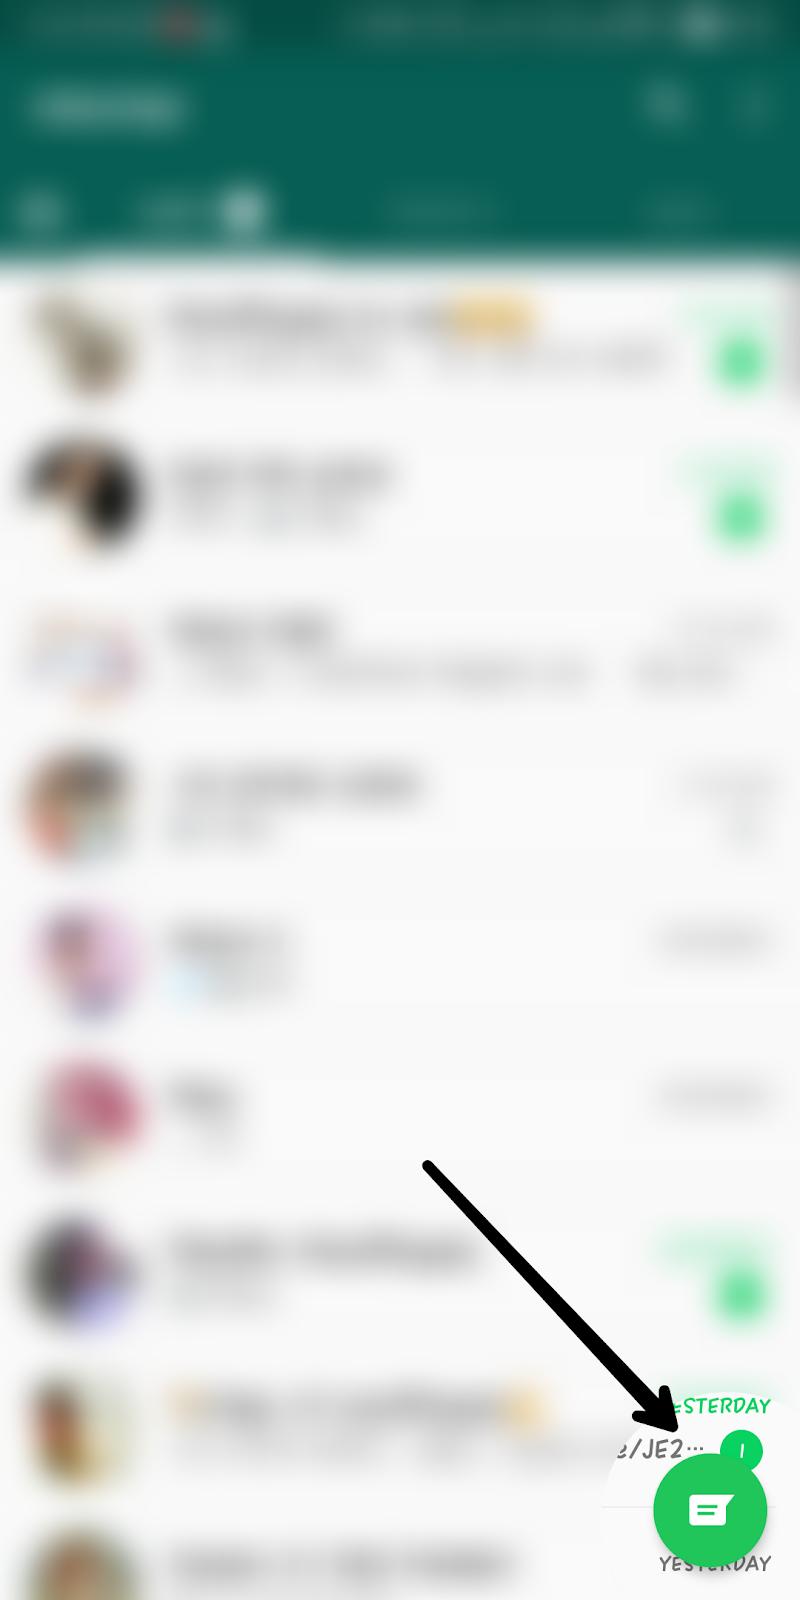 Whatsapp se pata kare train kaha hai live